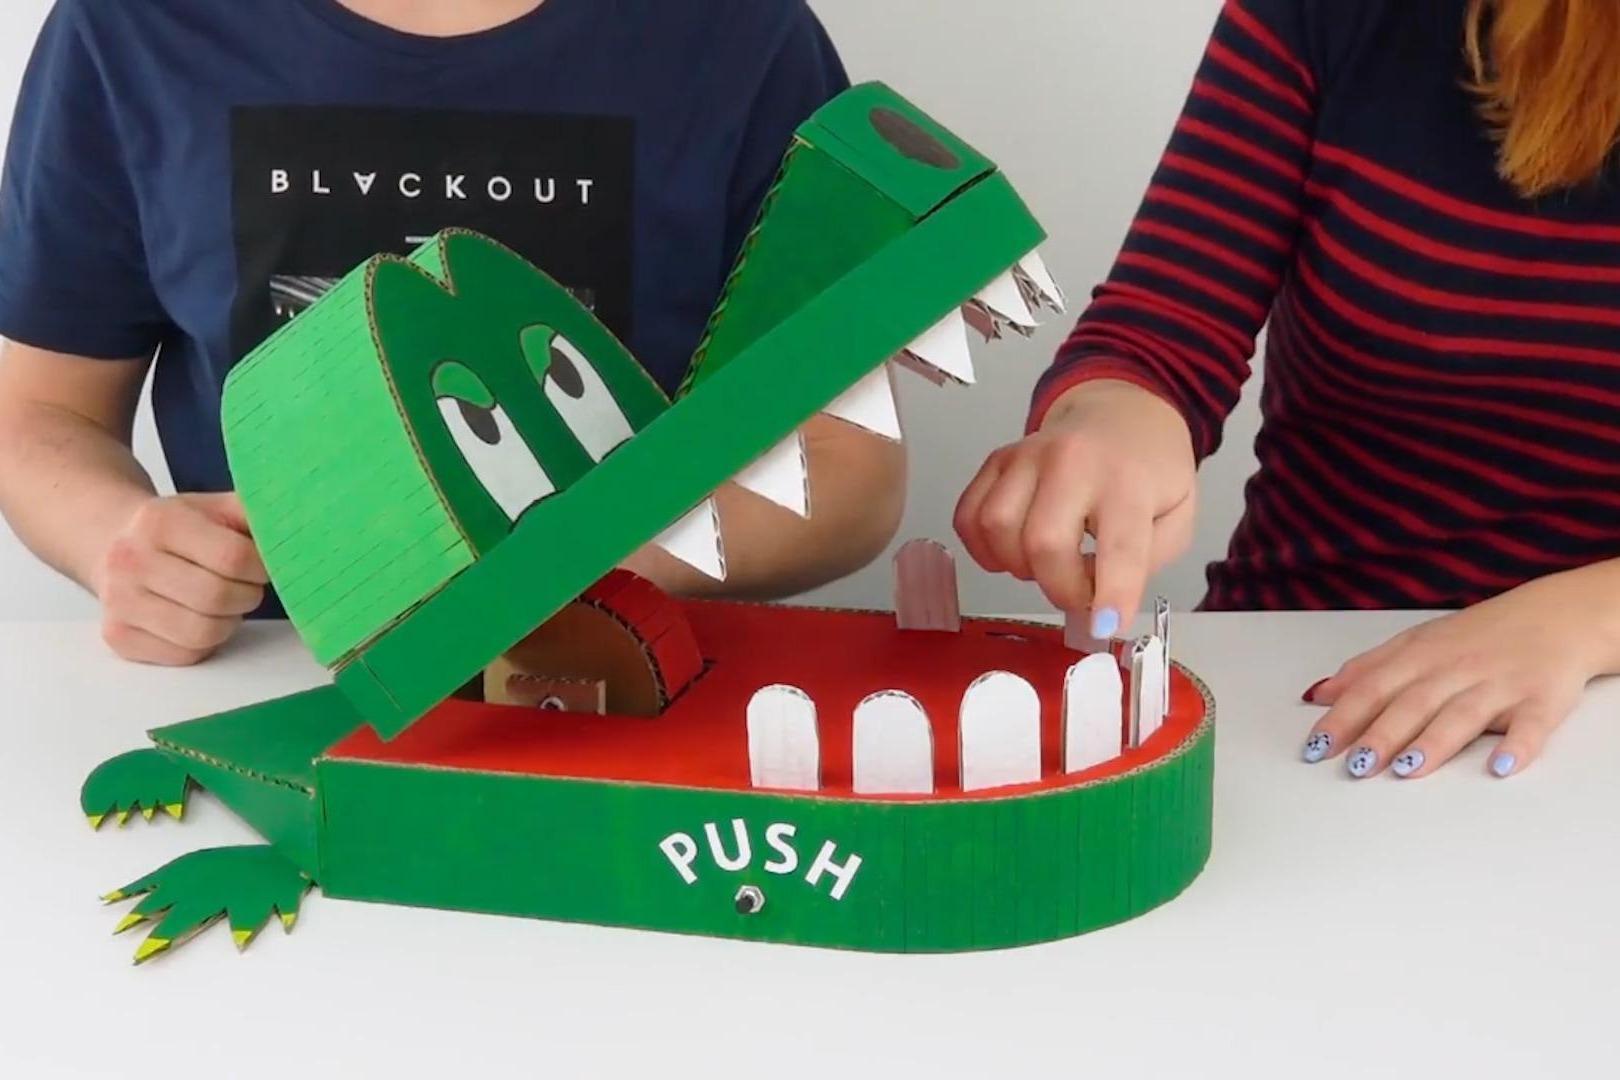 手工达人用纸板制作的鳄鱼玩具,要求你帮它剔牙,剔疼了还咬你